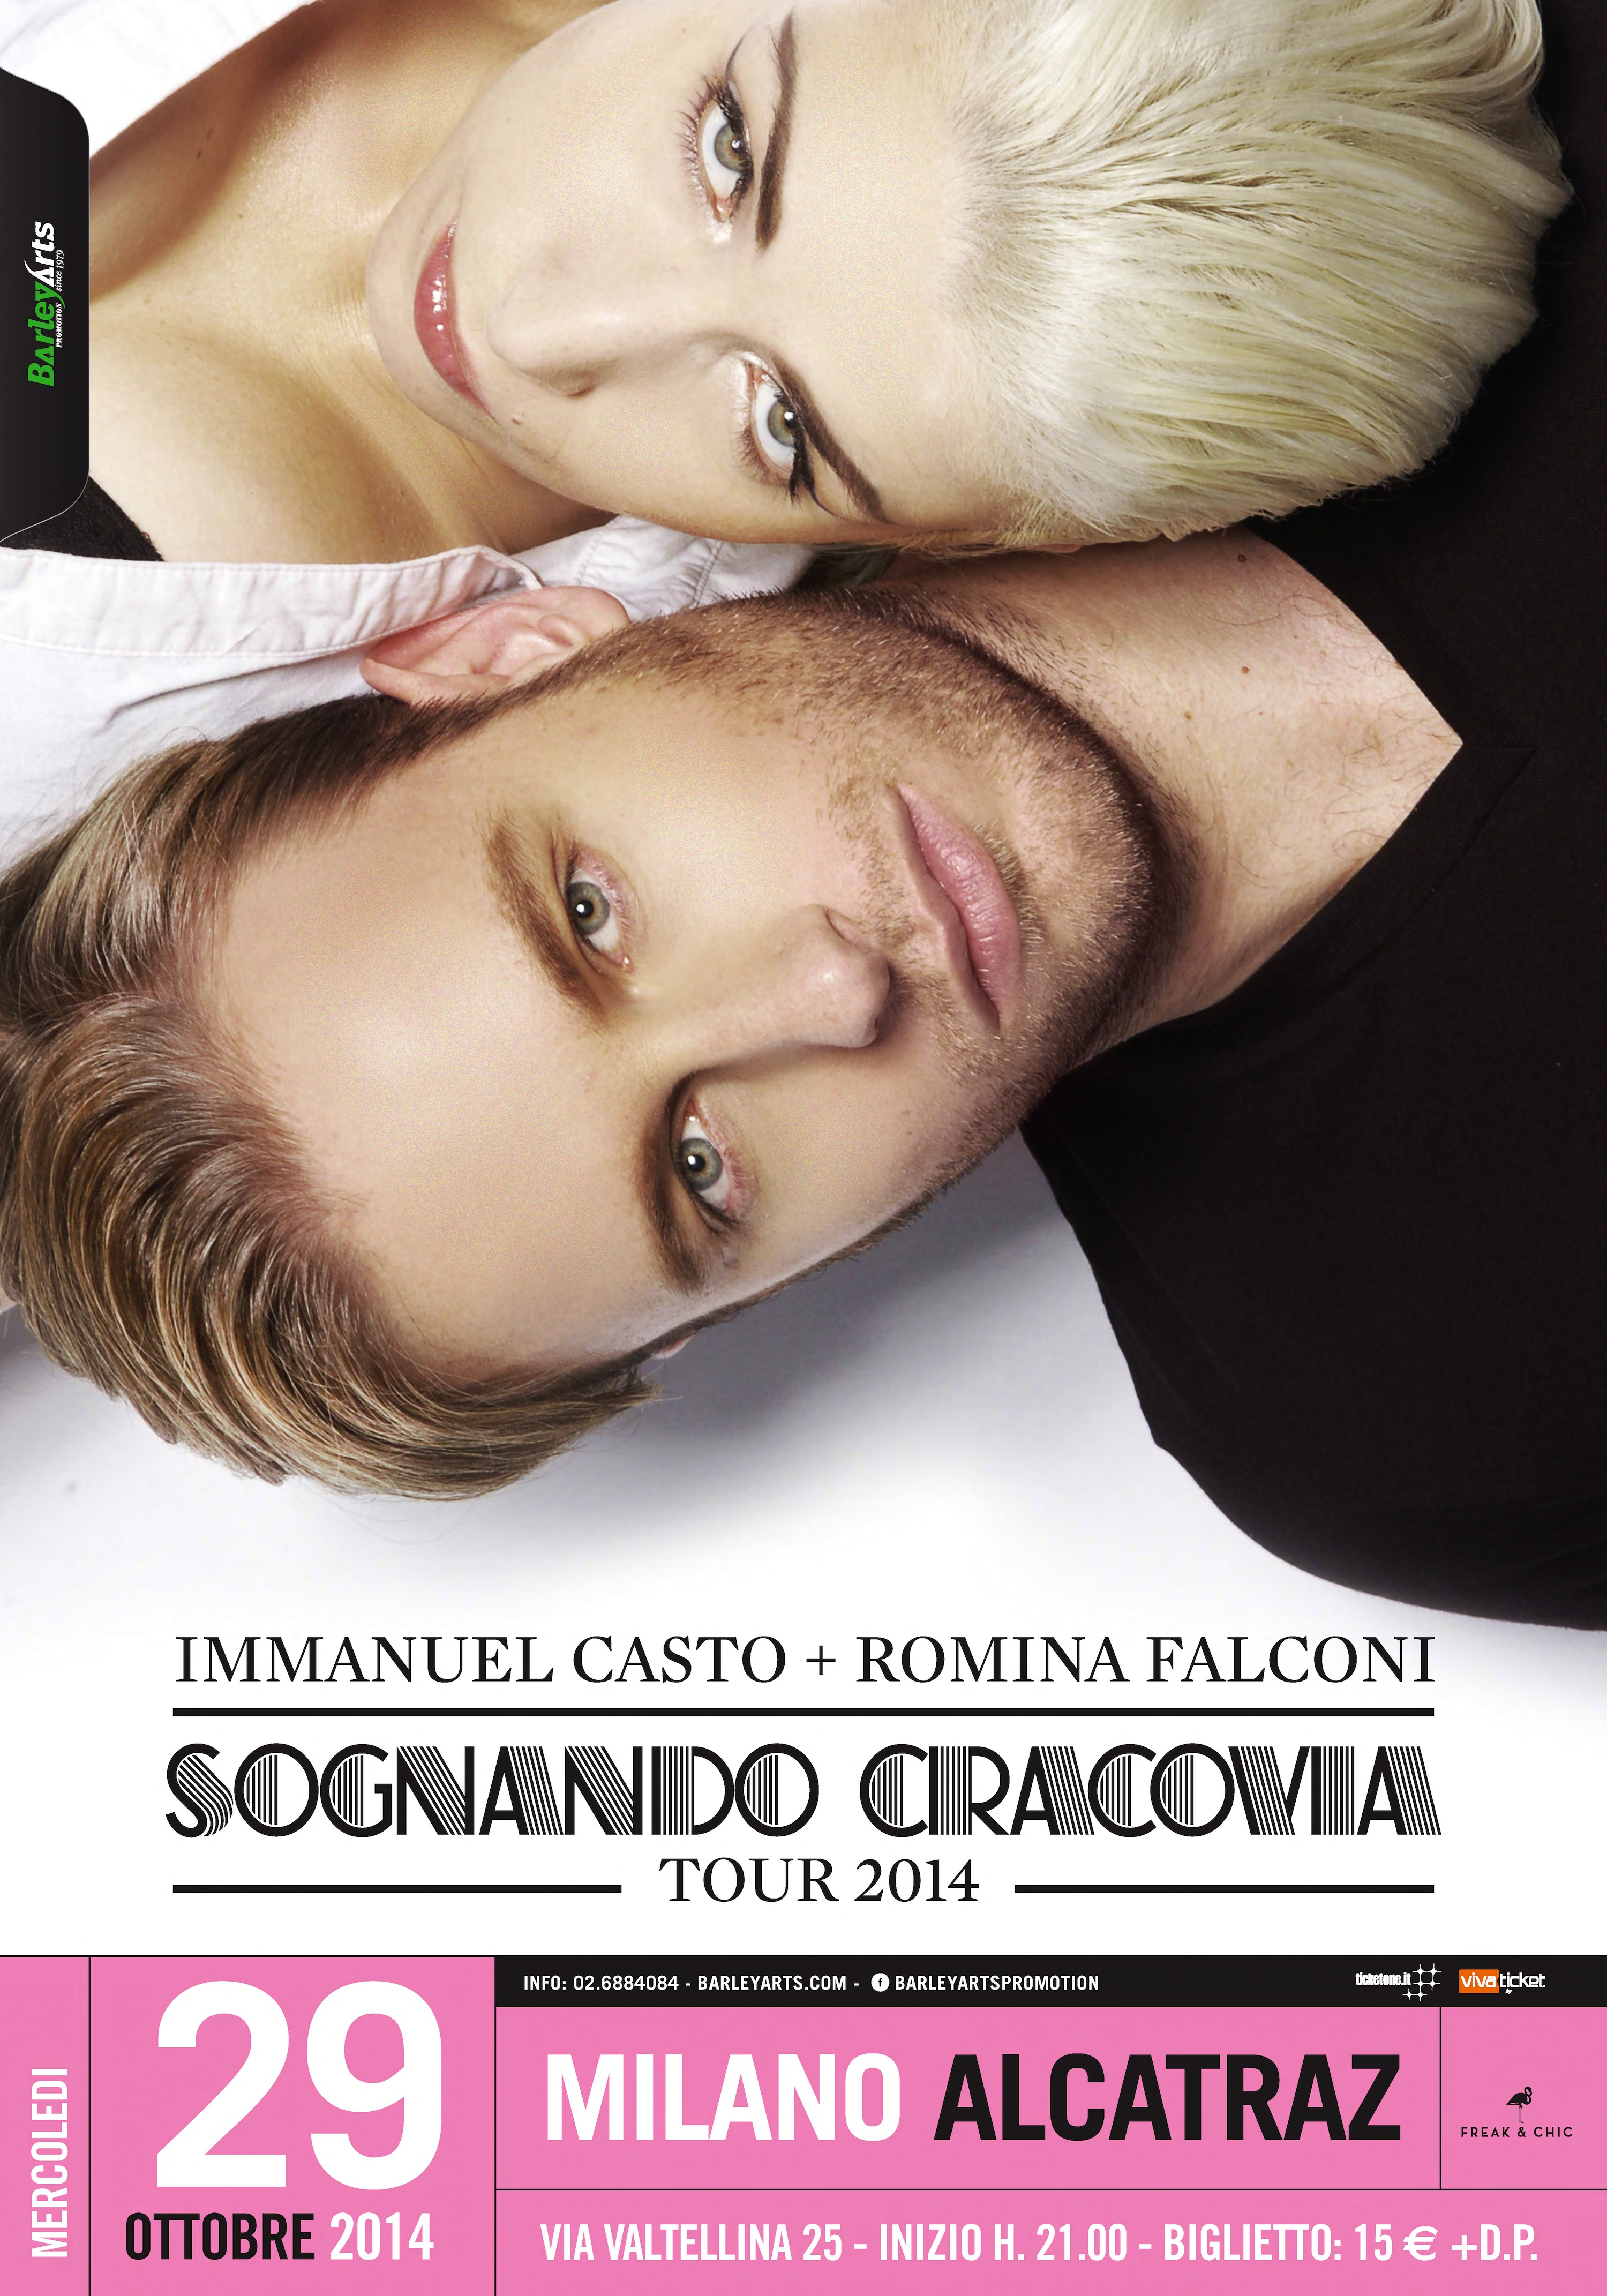 IMMANUEL CASTO + ROMINA FALCONI: le date del 'Sognando Cracovia Tour'